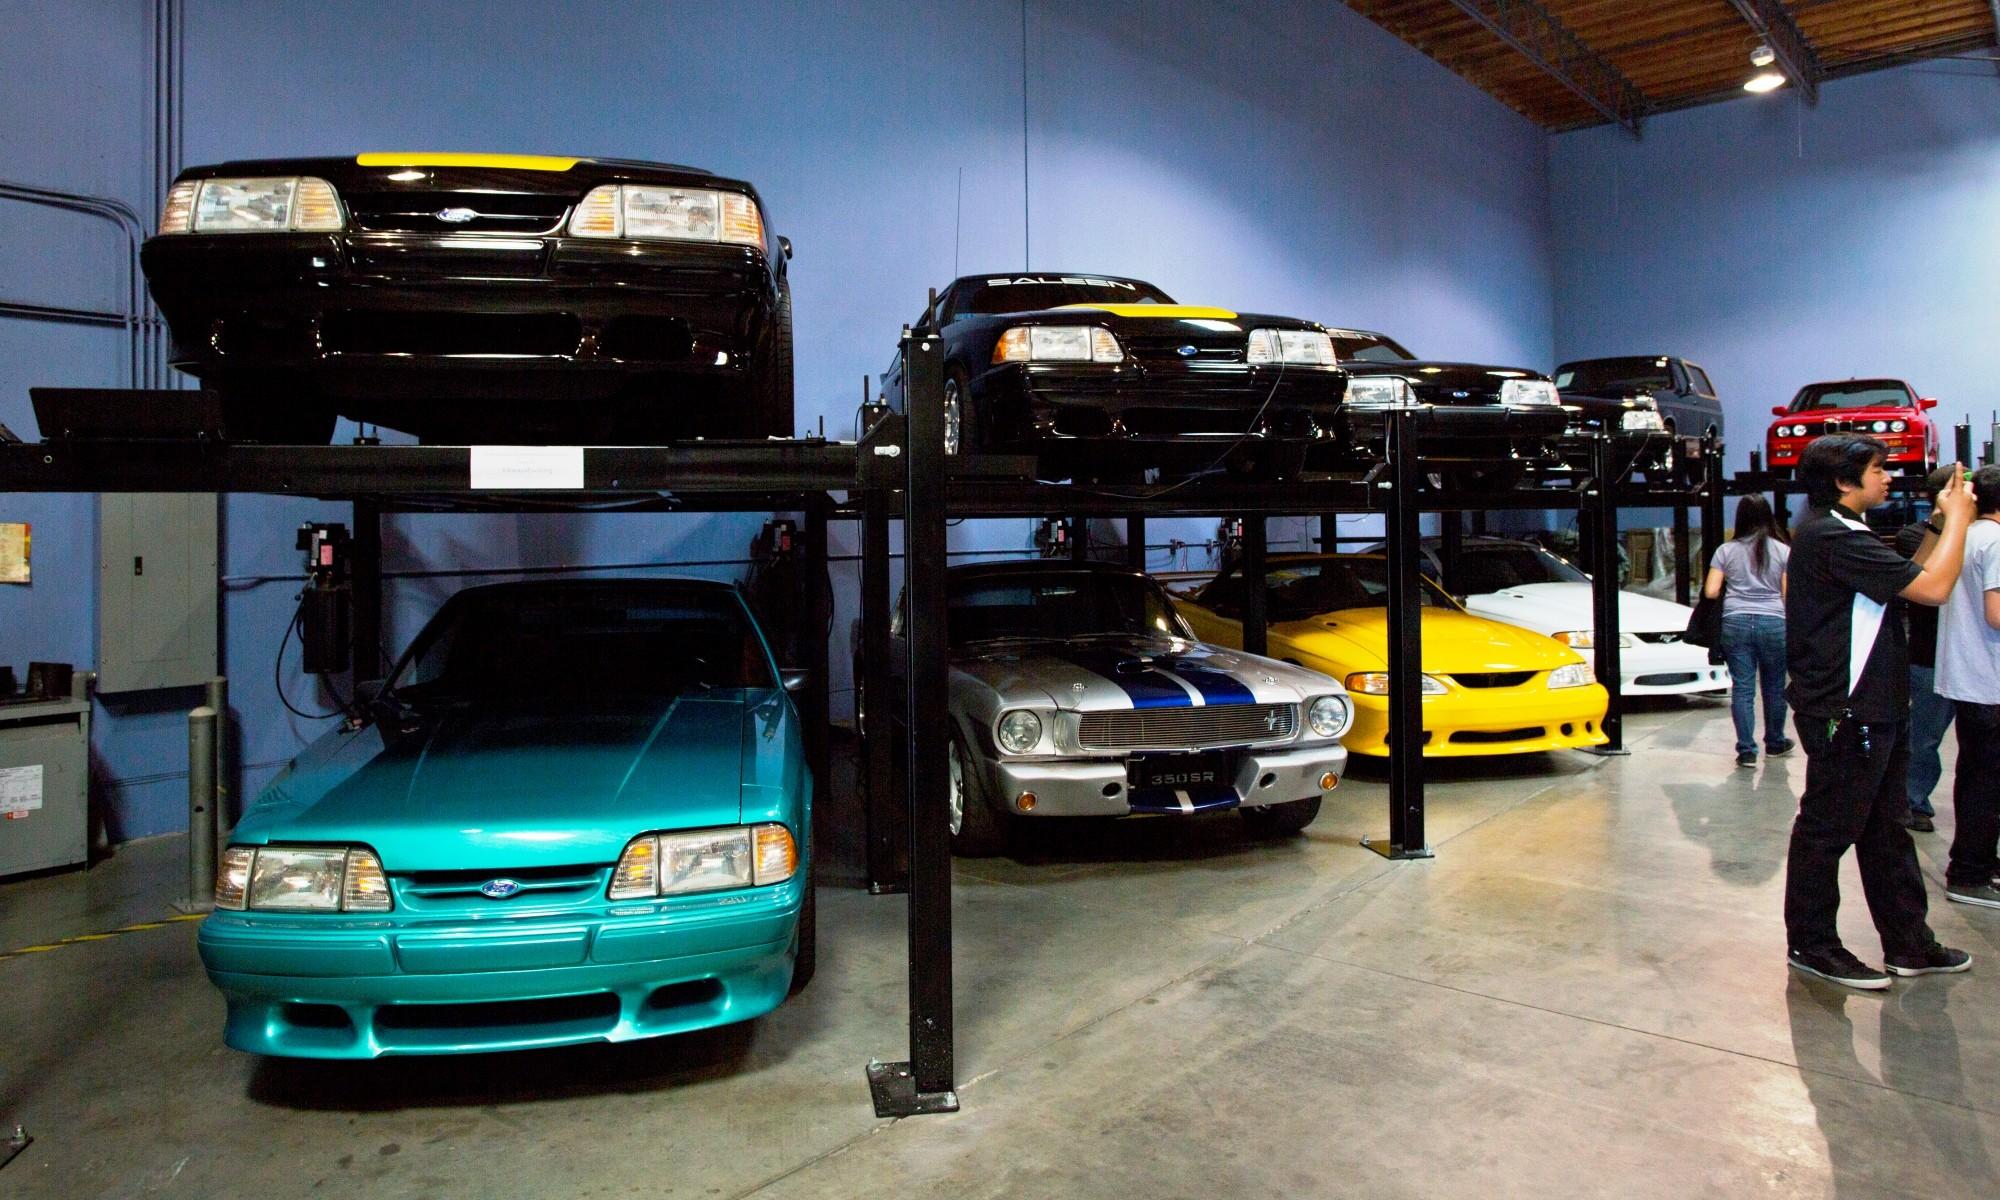 Paul Walker's Cars in garage